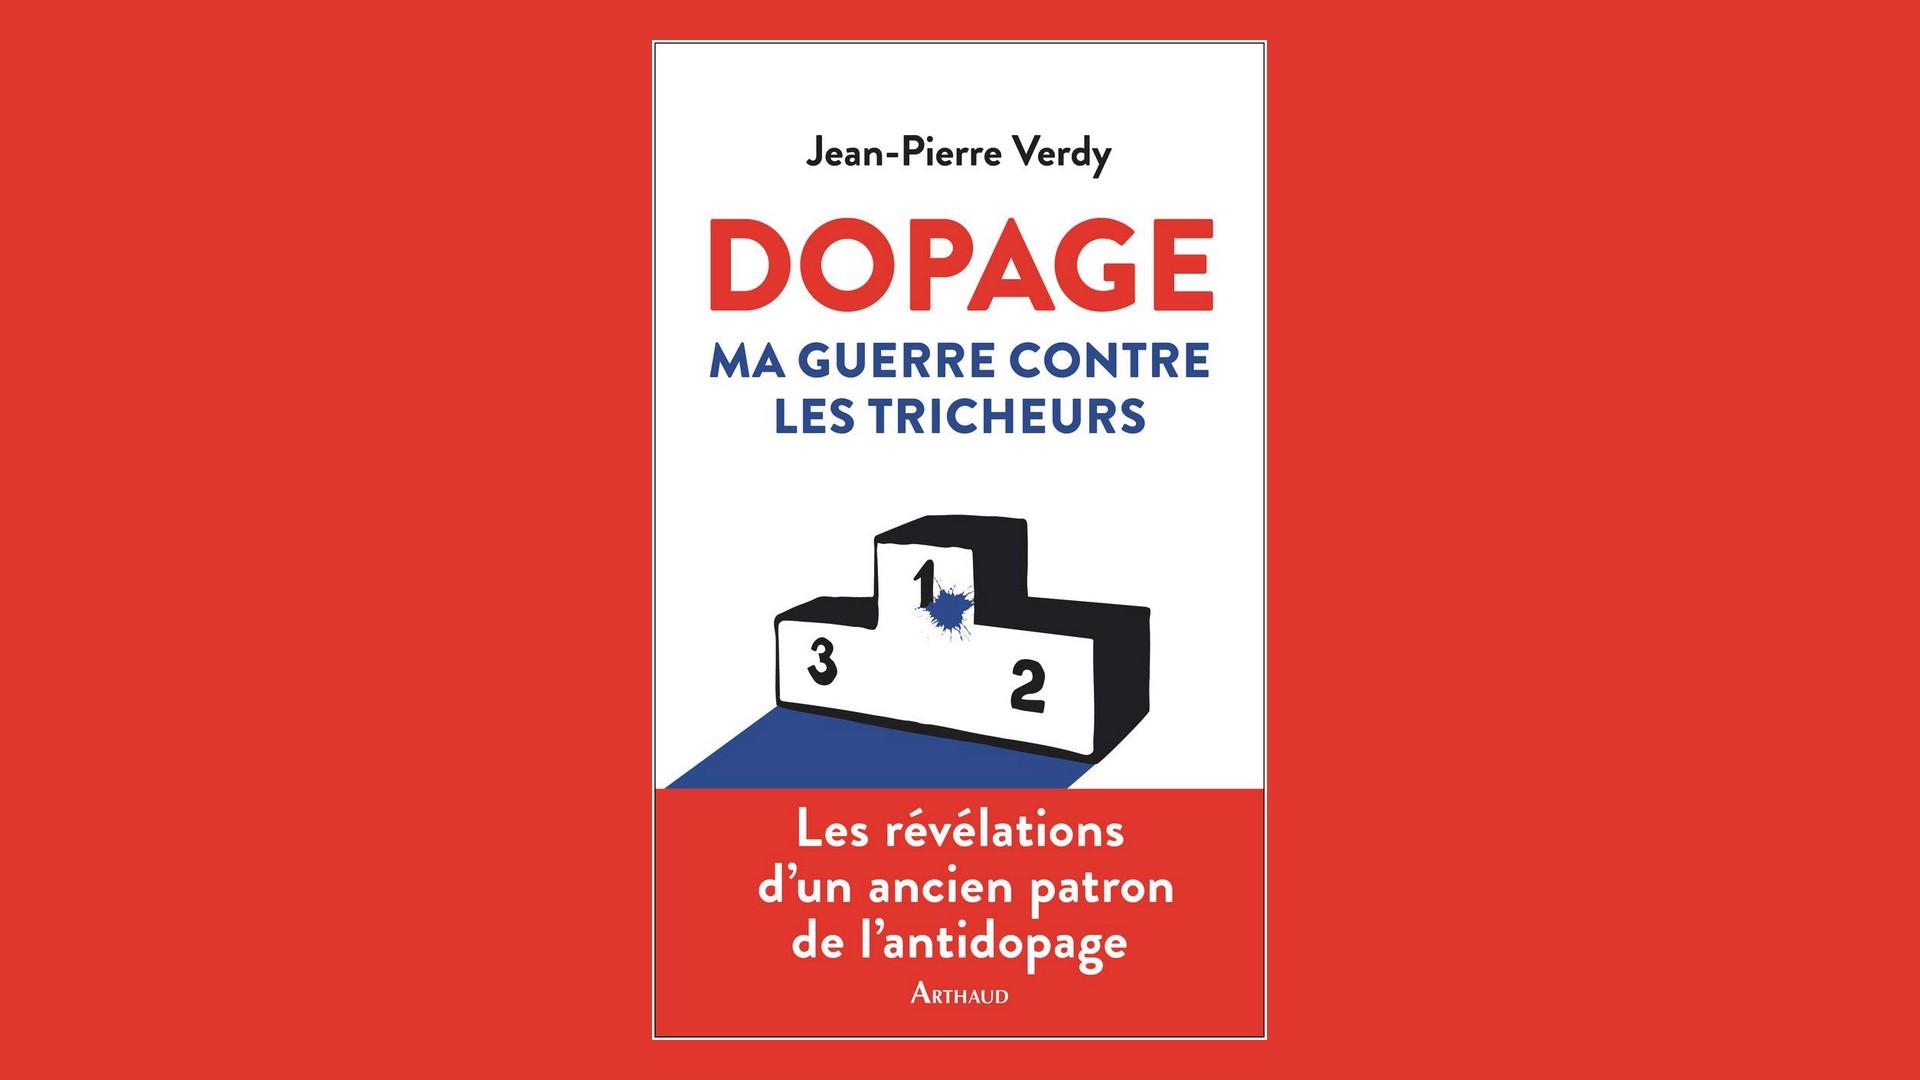 JEAN-PIERRE VERDY : DOPAGE. MA GUERRE CONTRE LES TRICHEURS